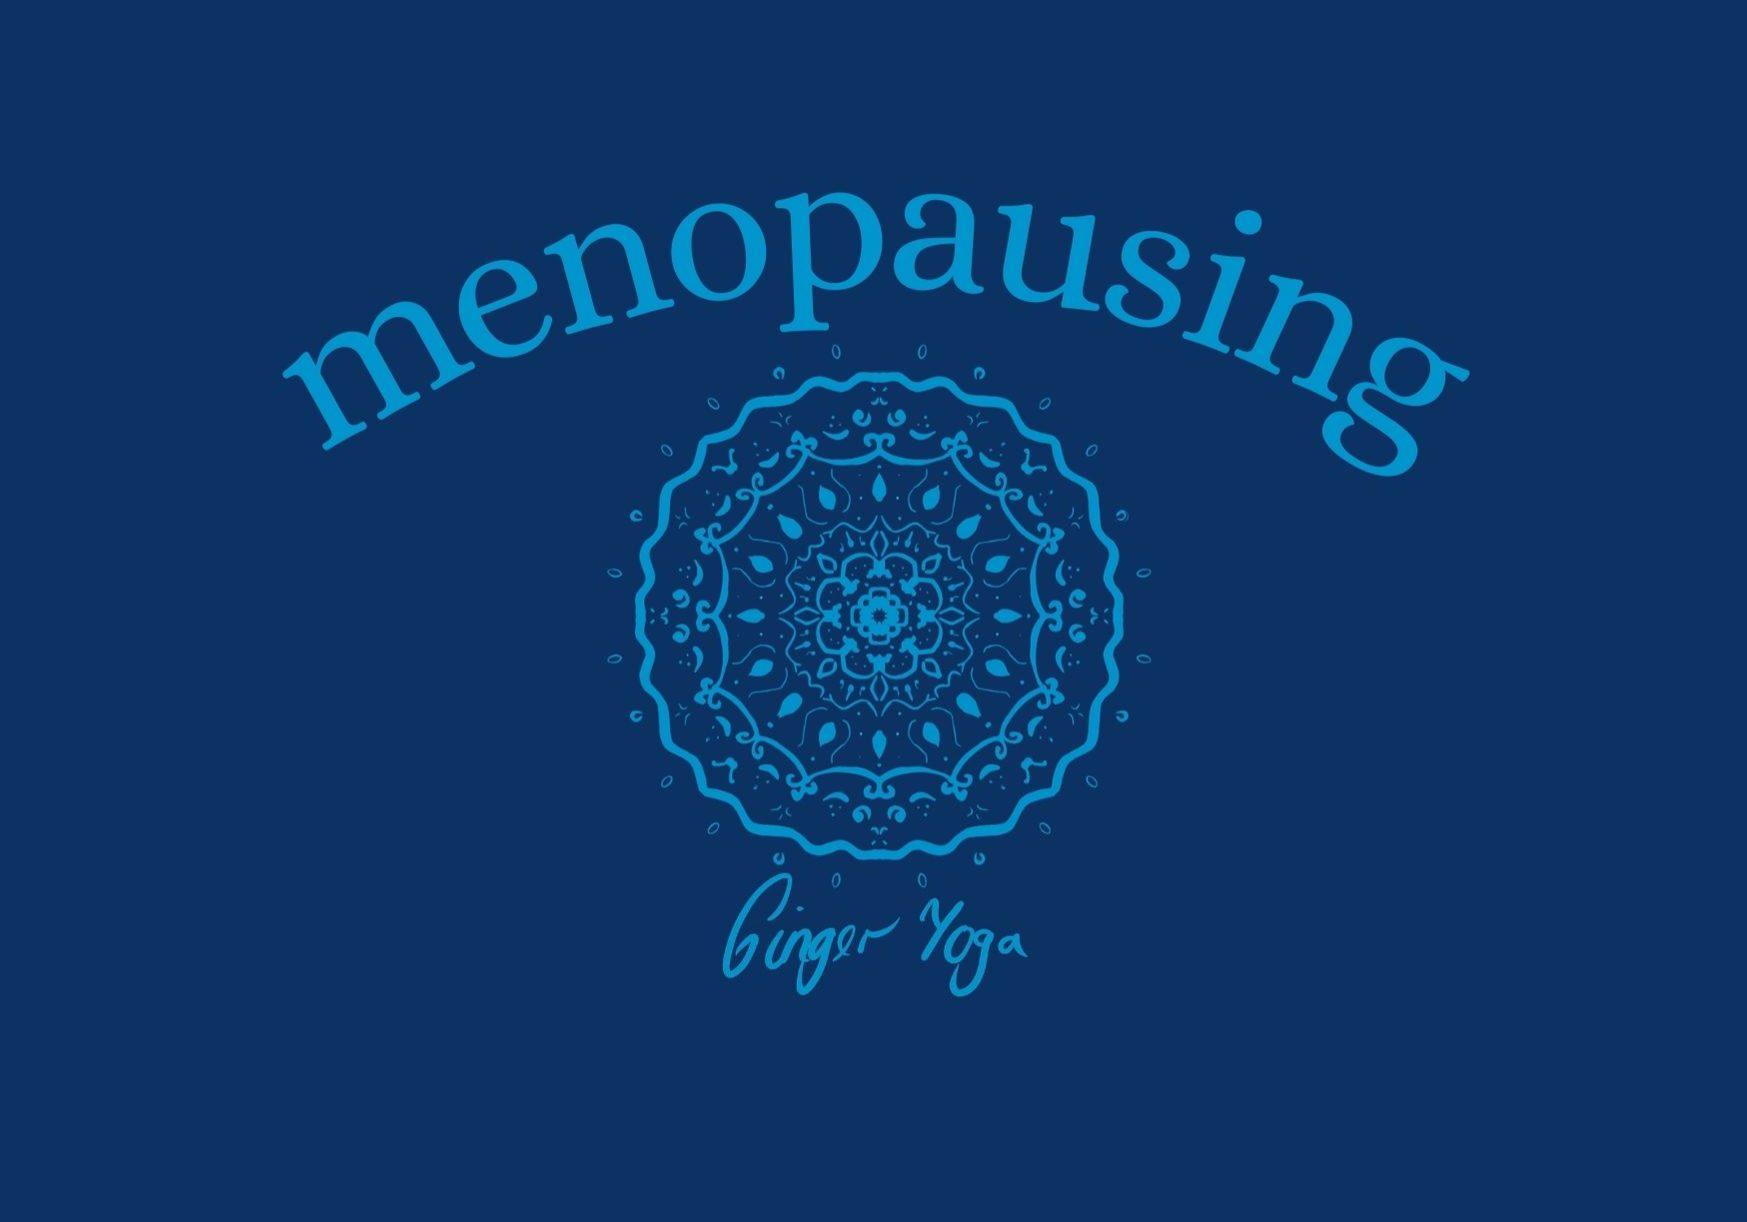 menopausing-3-1.jpg